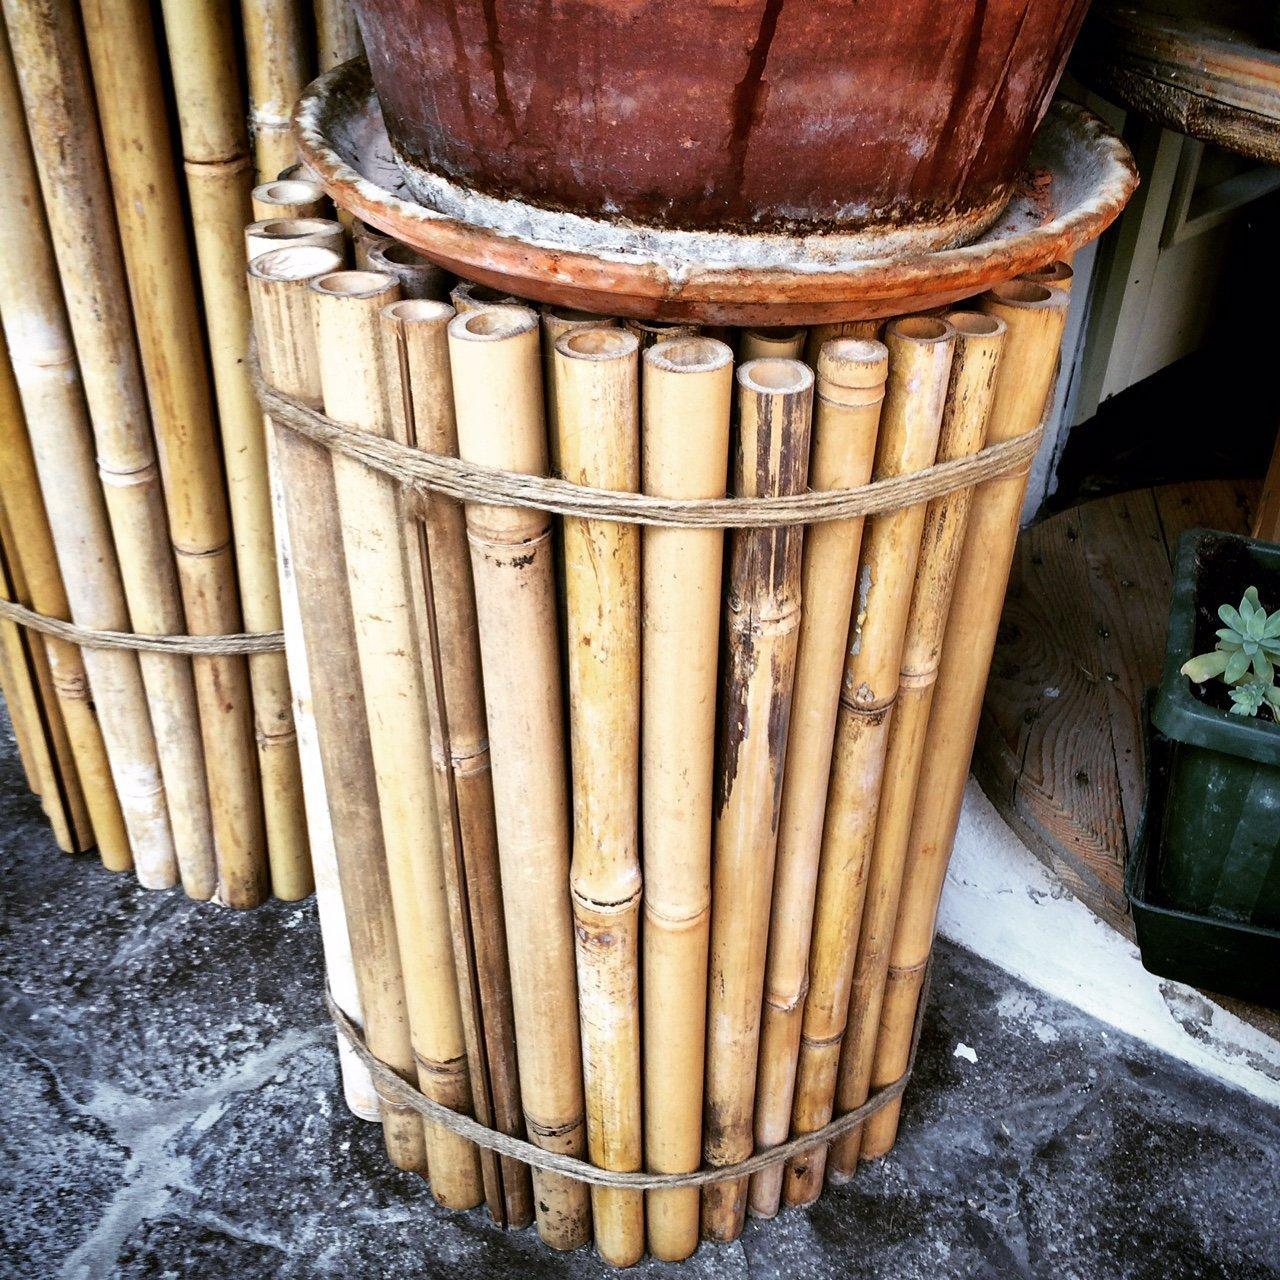 Riciclo creativo: utilizzare canne di bambù per il vostro giardino!